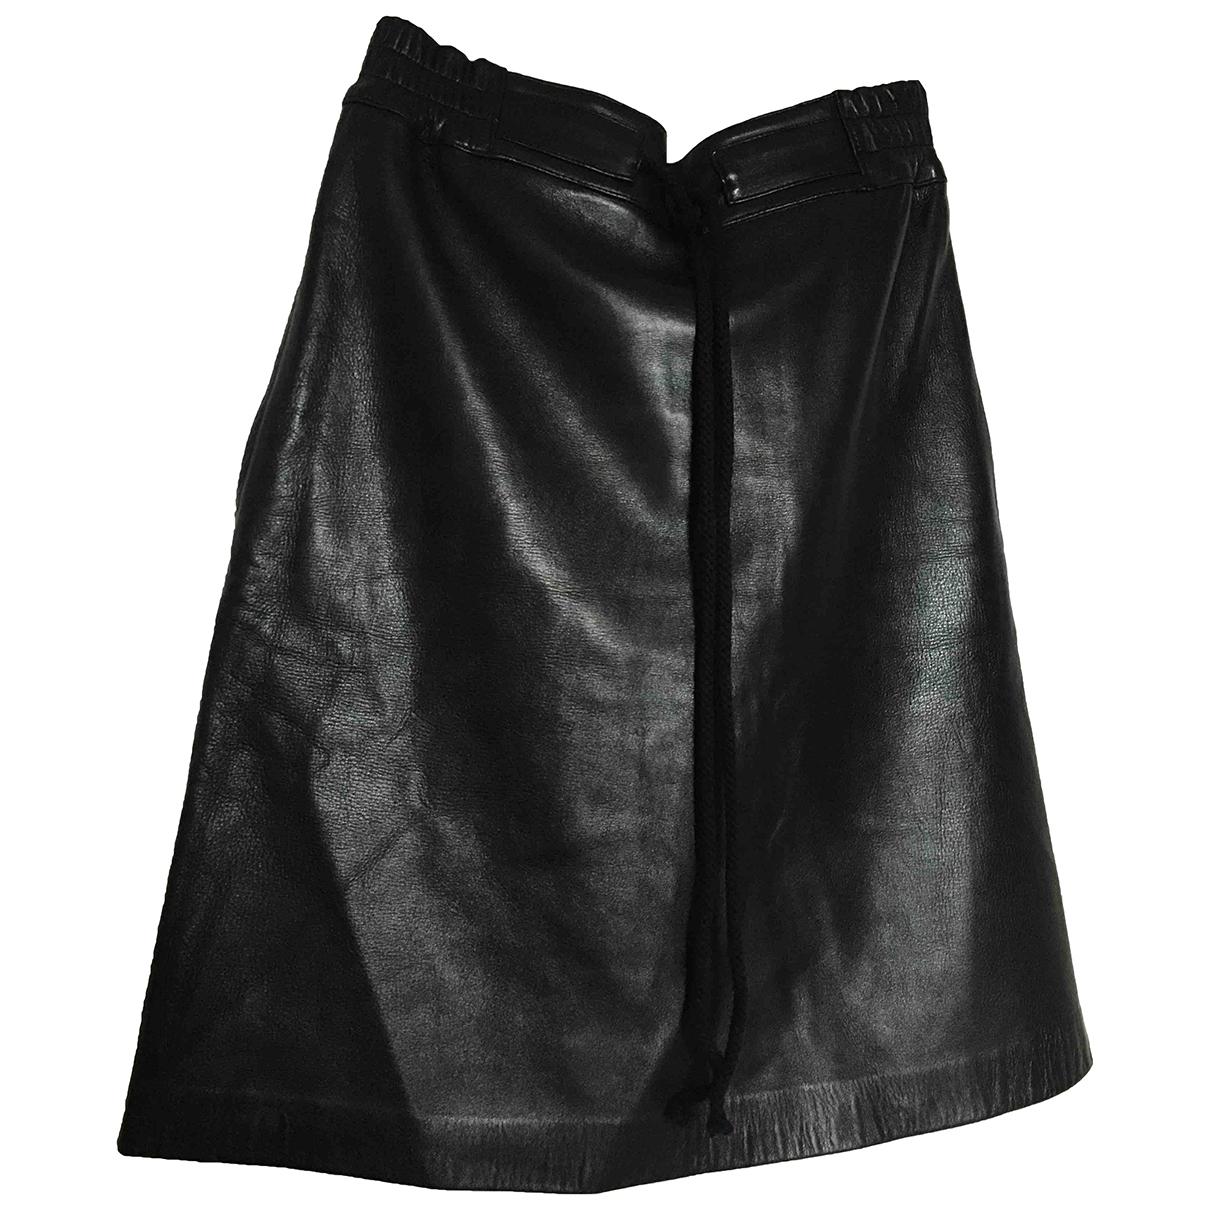 Les Prairies De Paris \N Black Leather skirt for Women One Size FR